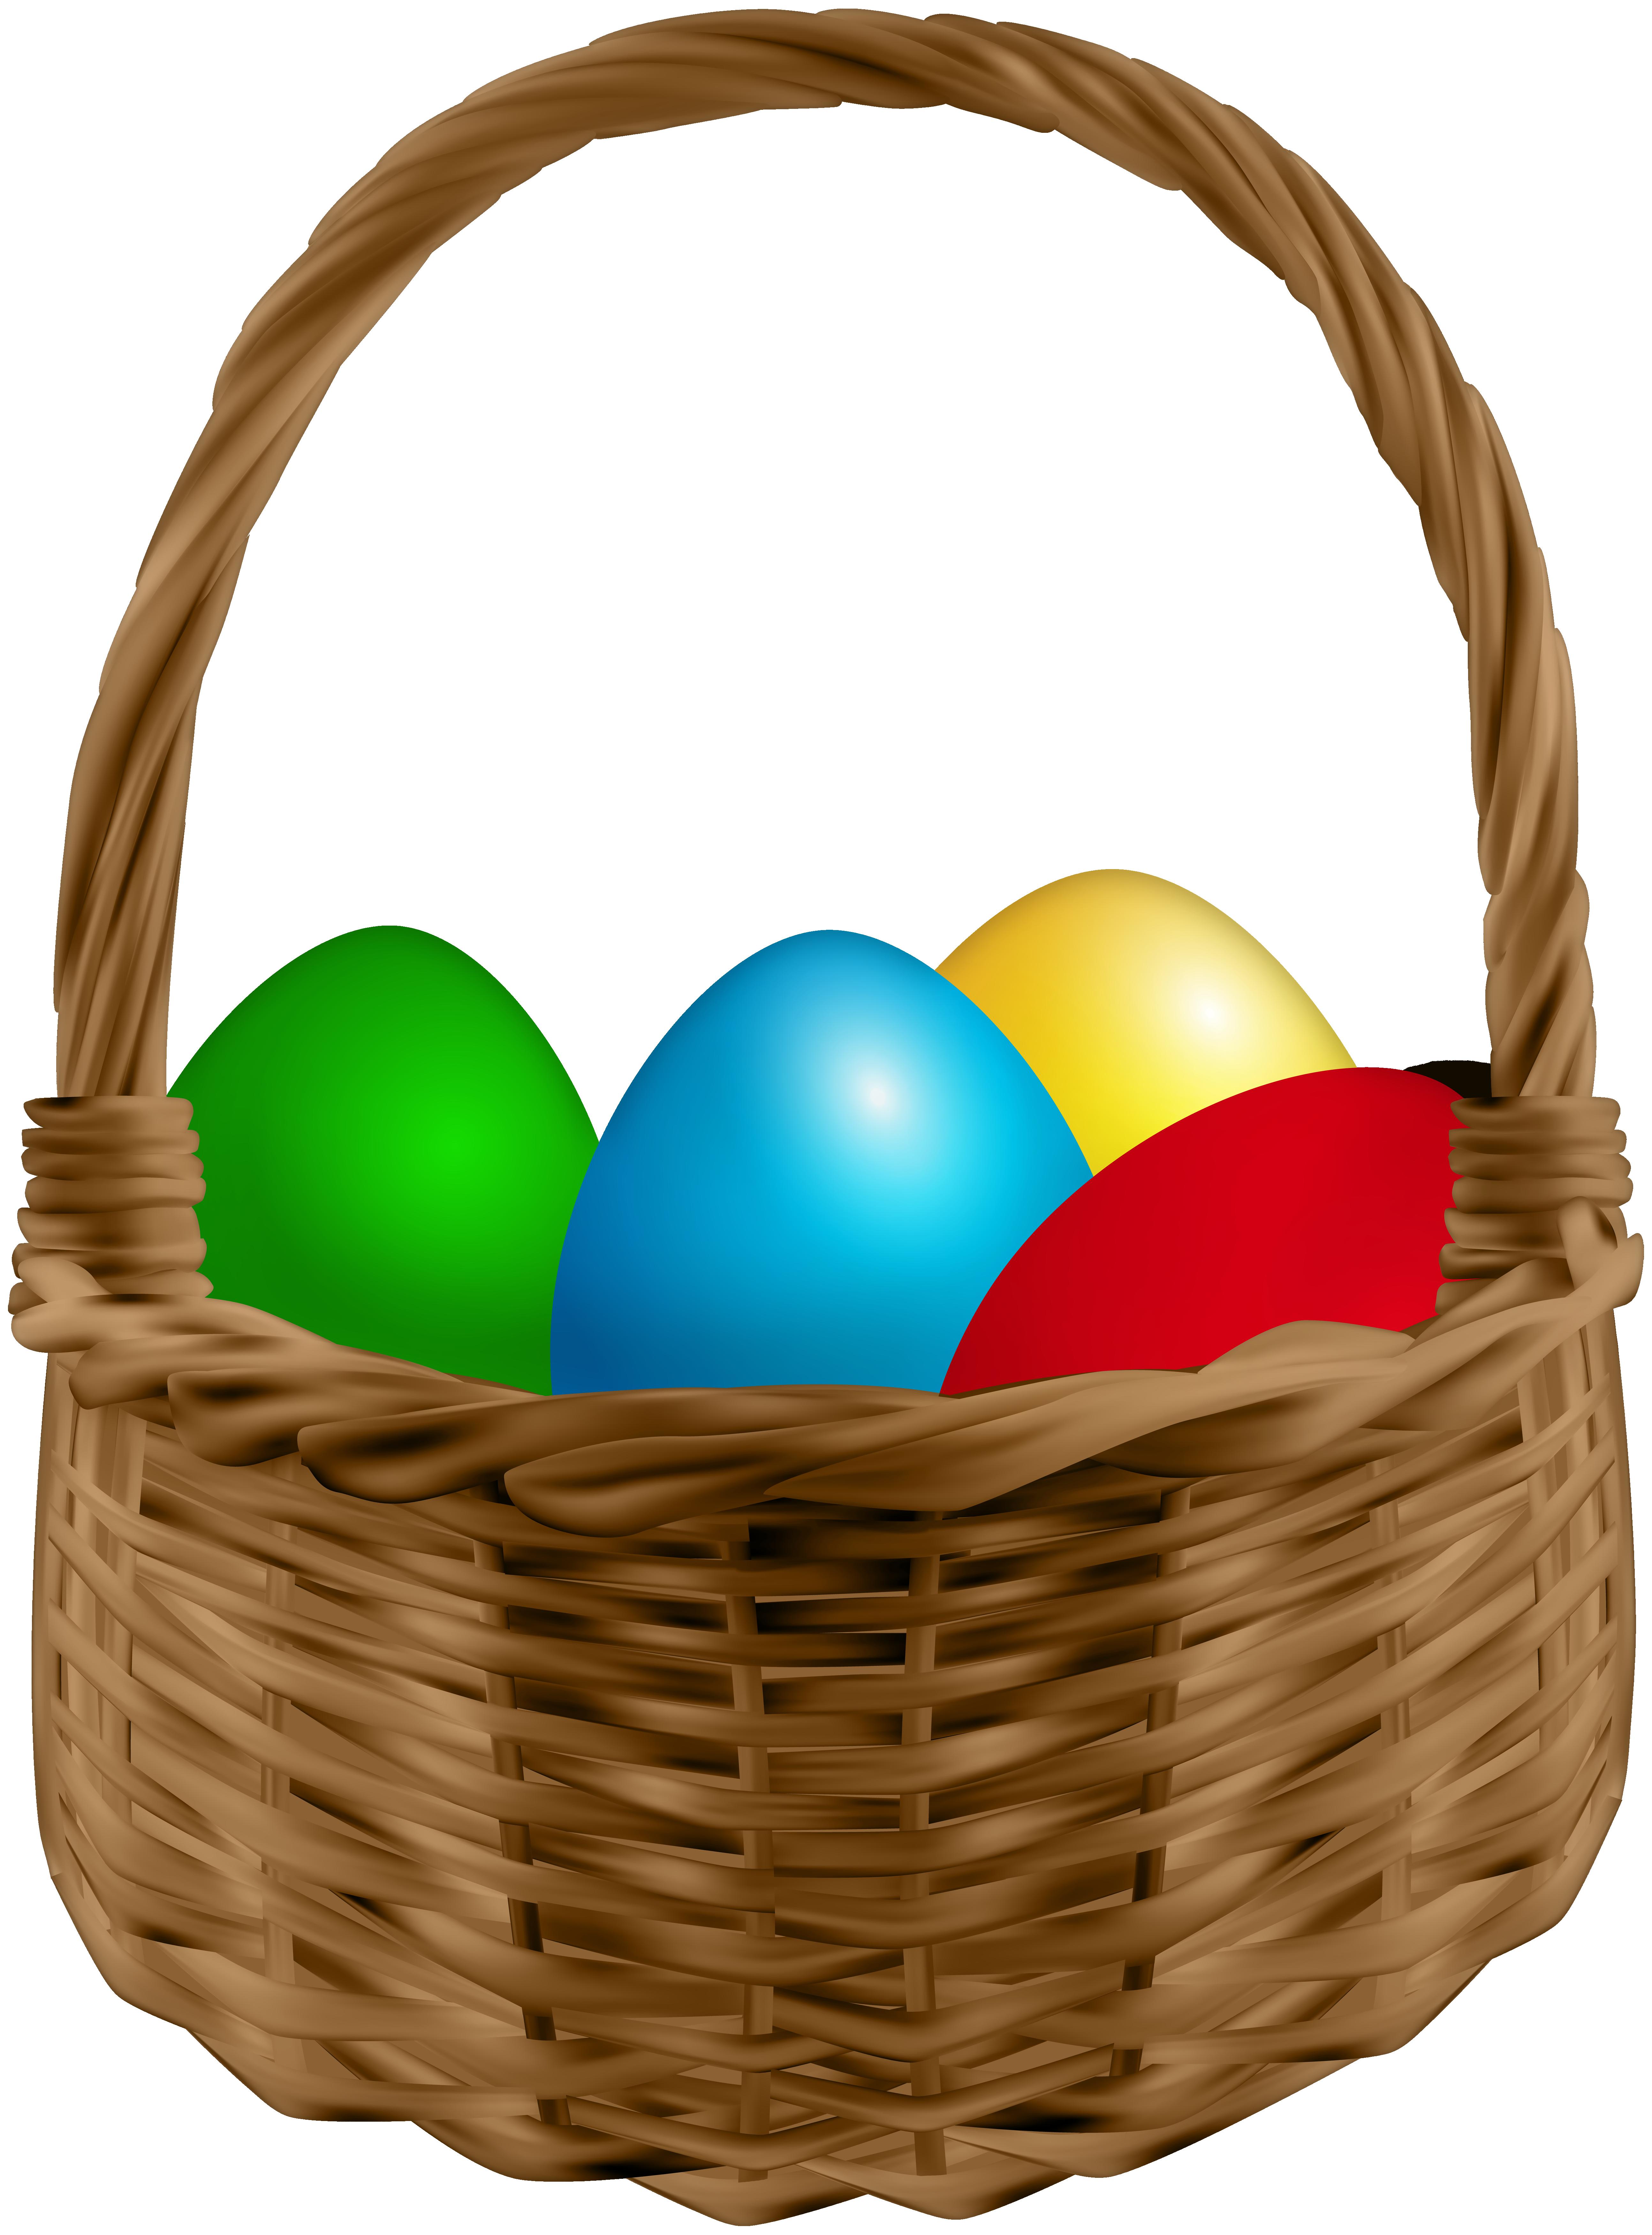 Easter Basket PNG Image.